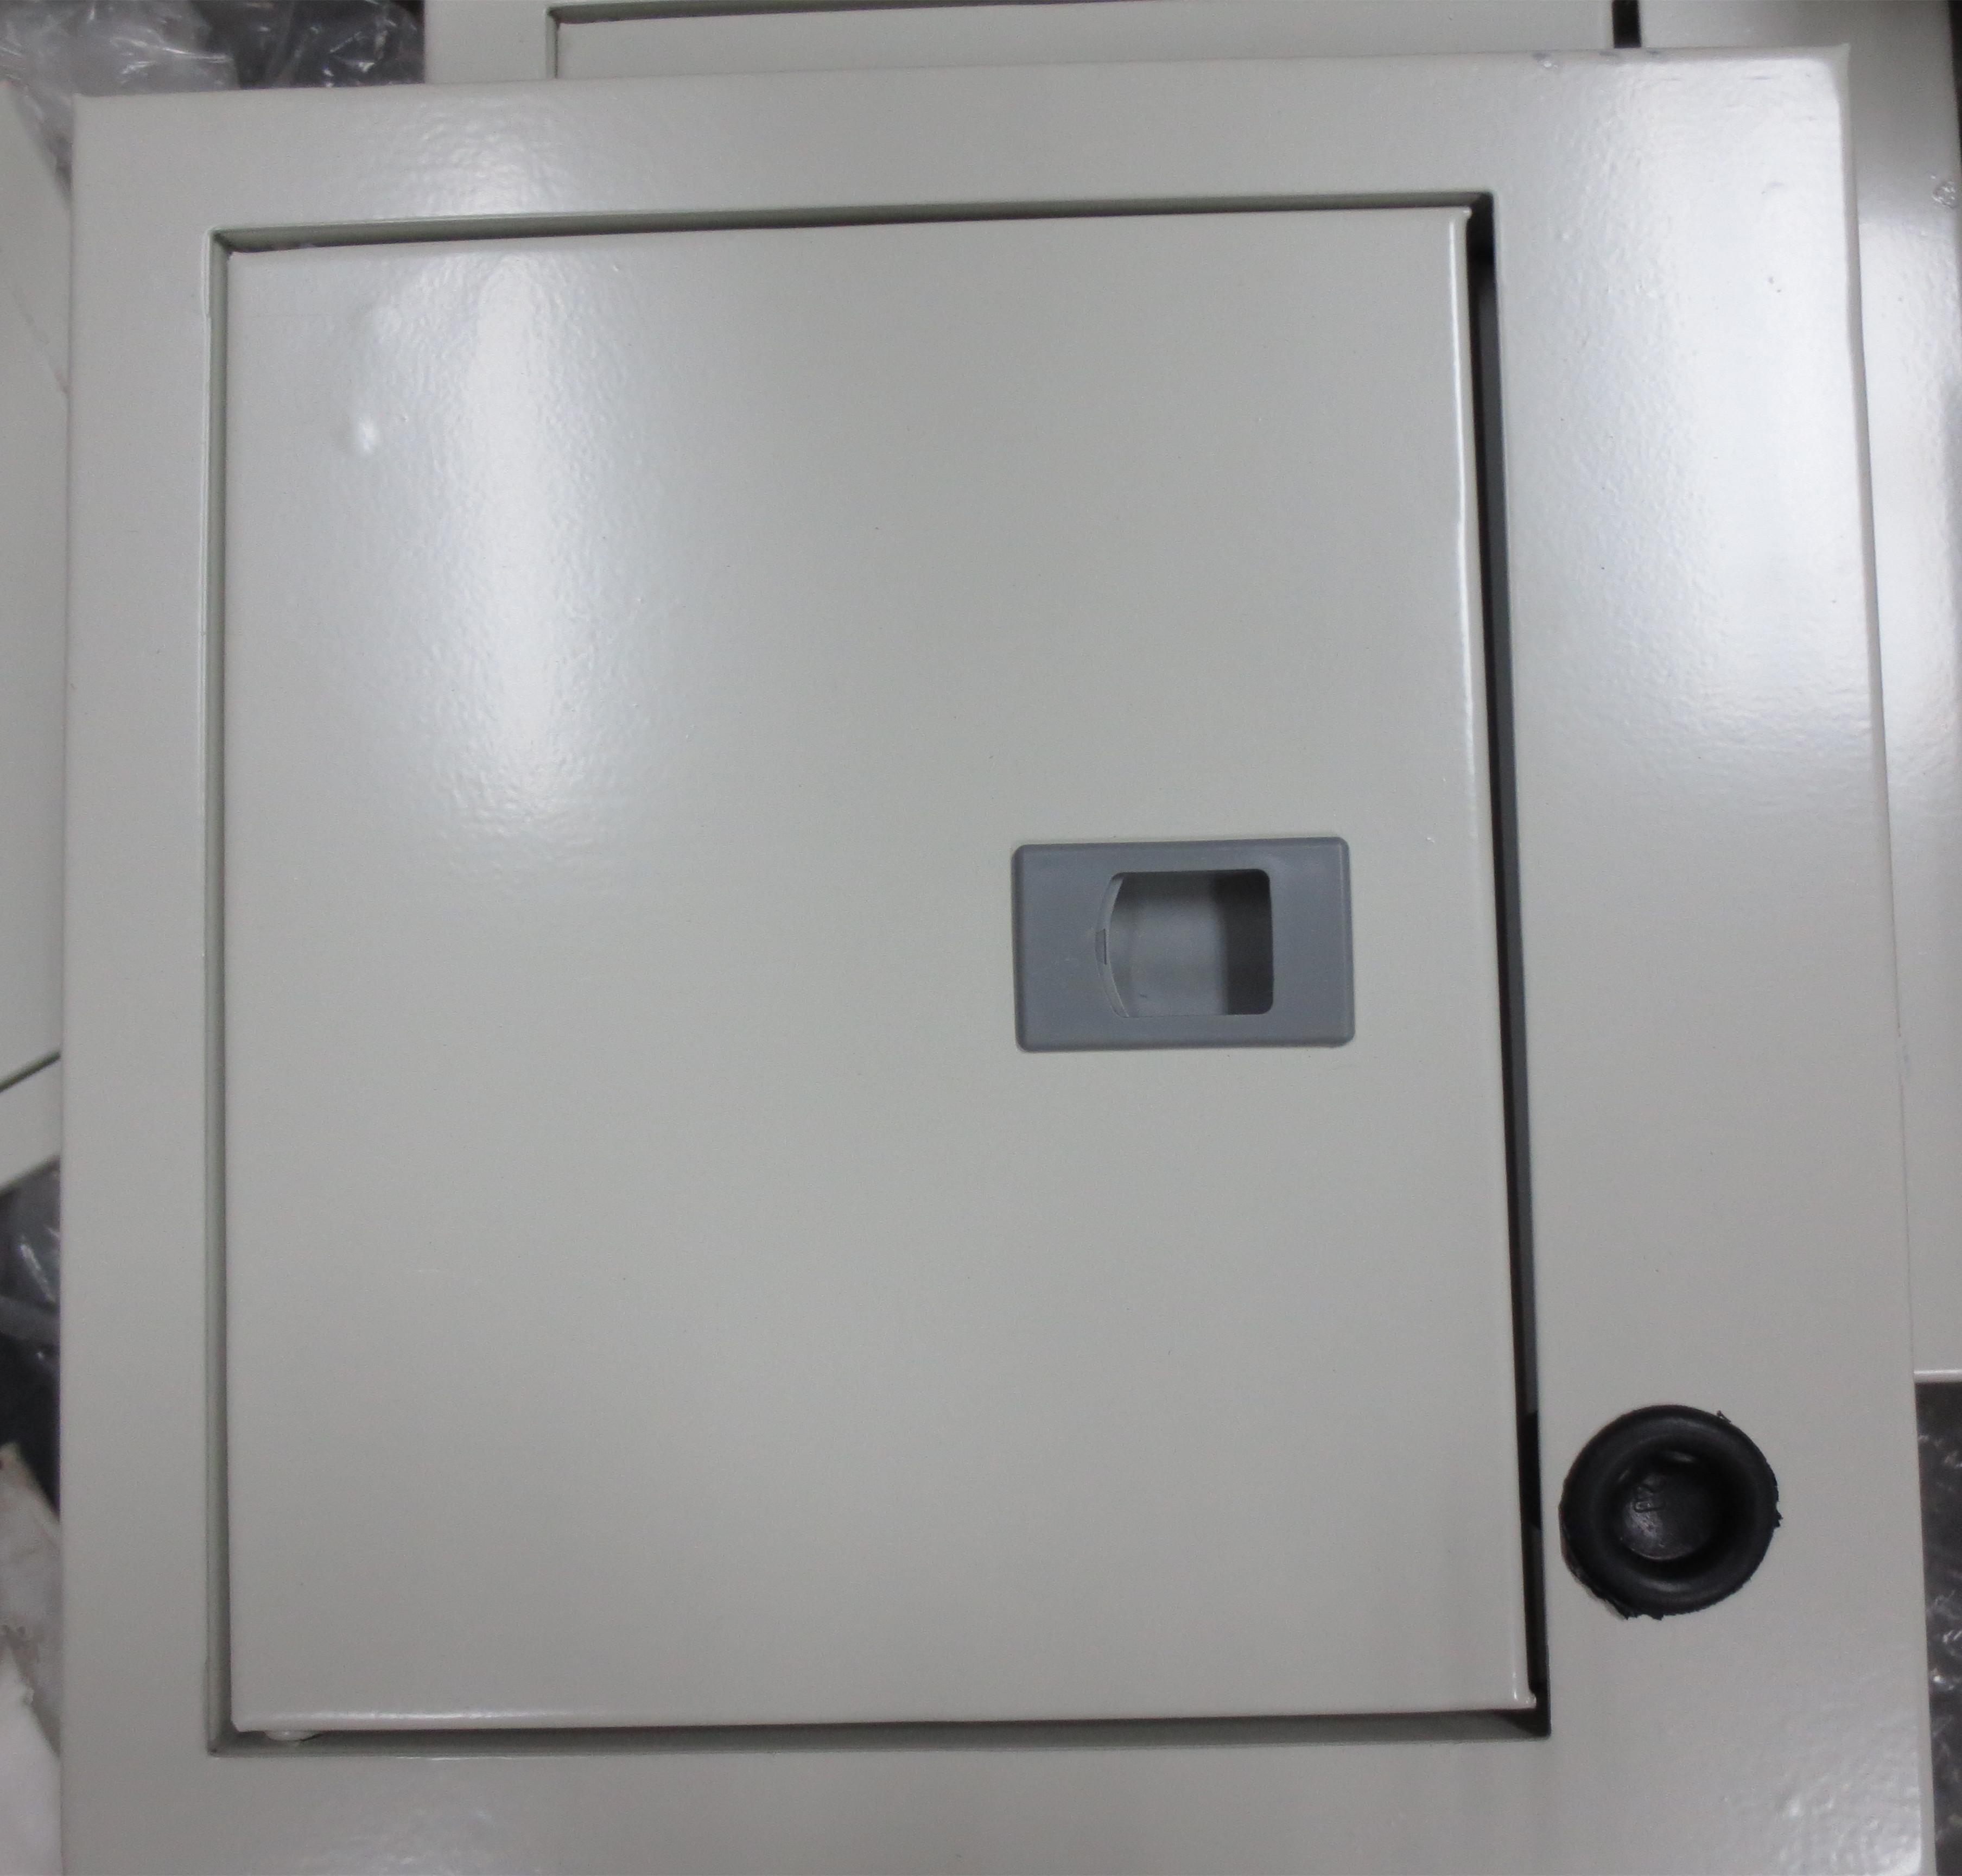 供应镀锌喷涂配电箱精致秀气低压小箱子深圳文兴厂家可据要求批量生产